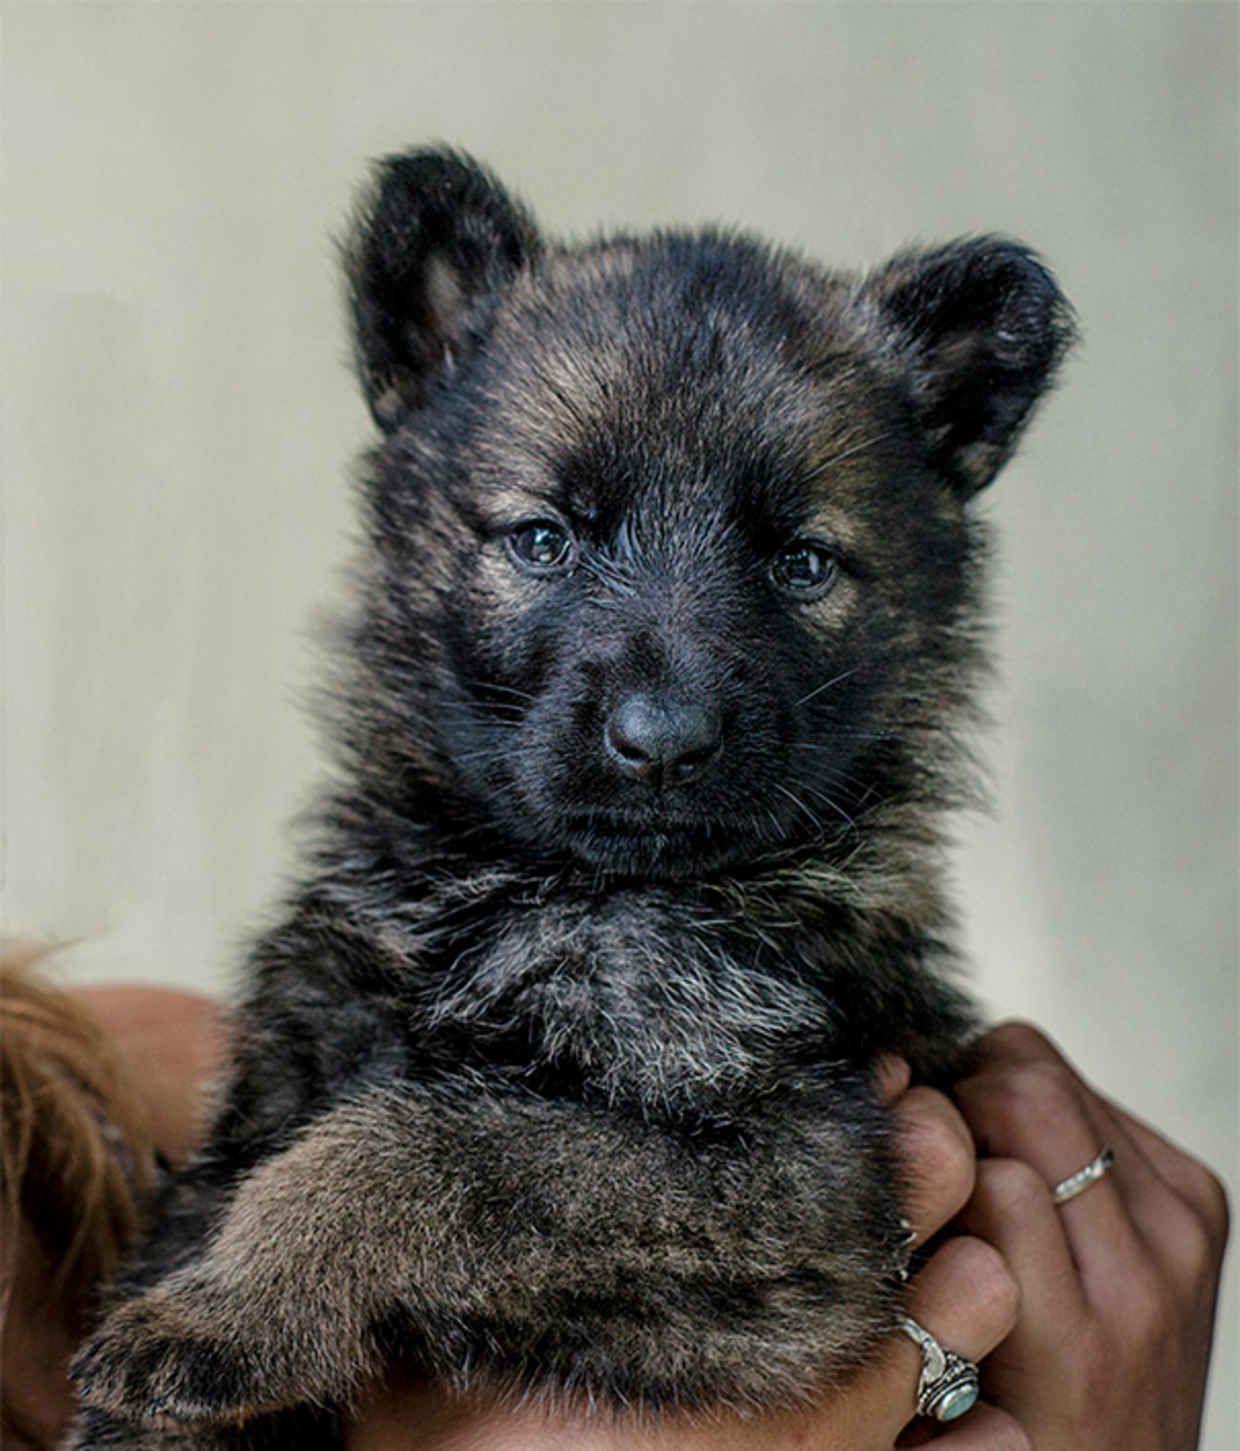 Amazing Teddy Bear Chubby Adorable Dog - d4d4398b9472f56a8aa1b28cce40178c  Image_422758  .jpg